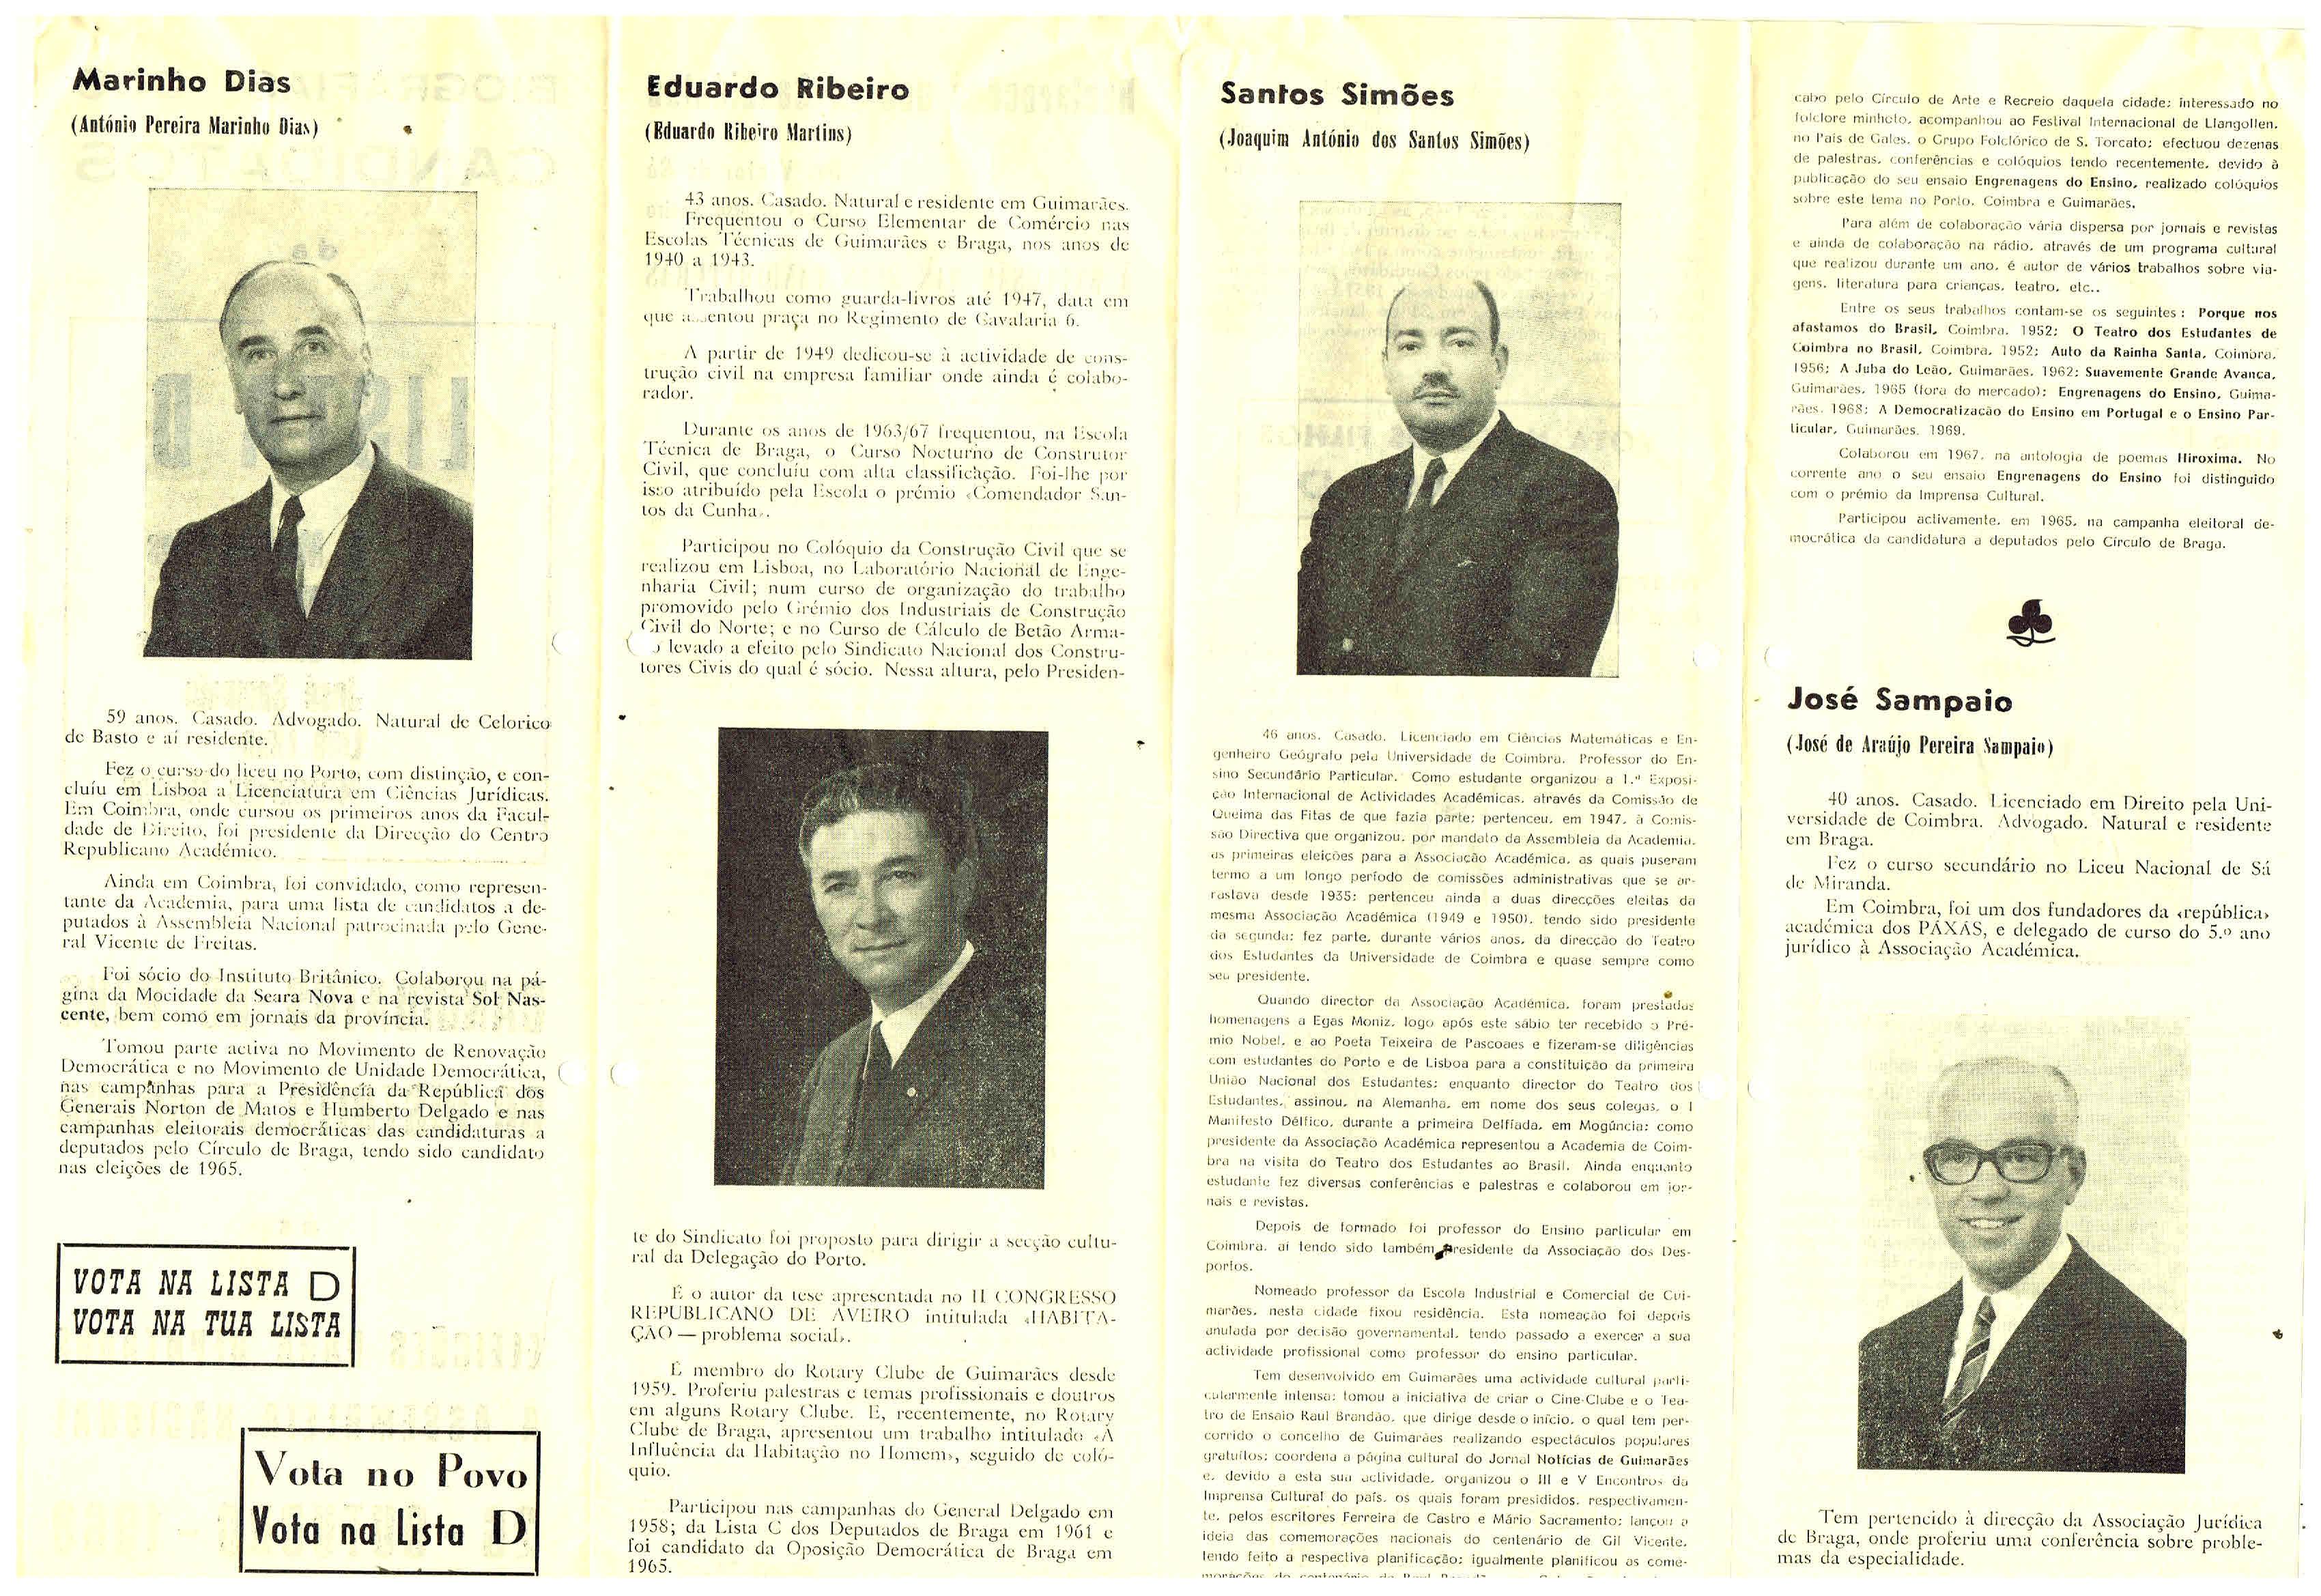 OPOSIÇÃO DEMOCRÁTICA – BRAGA – 1969 – EPHEMERA – Biblioteca